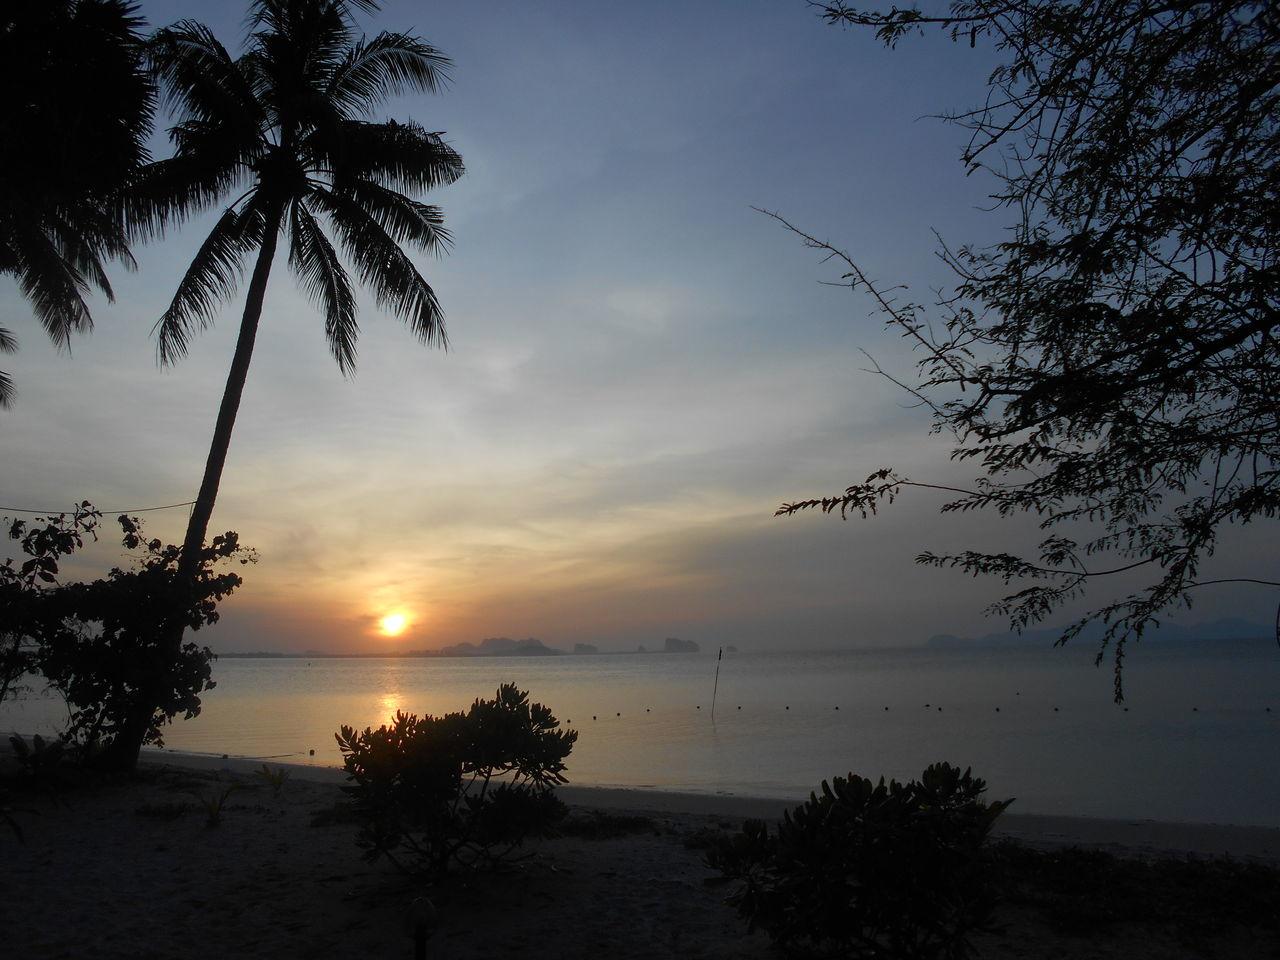 Thailand Koh Mook Island Sundown Sunset Sunset_collection Sea And Sky Seascape Ozean Beach Beach Photography Beachlife Beach View